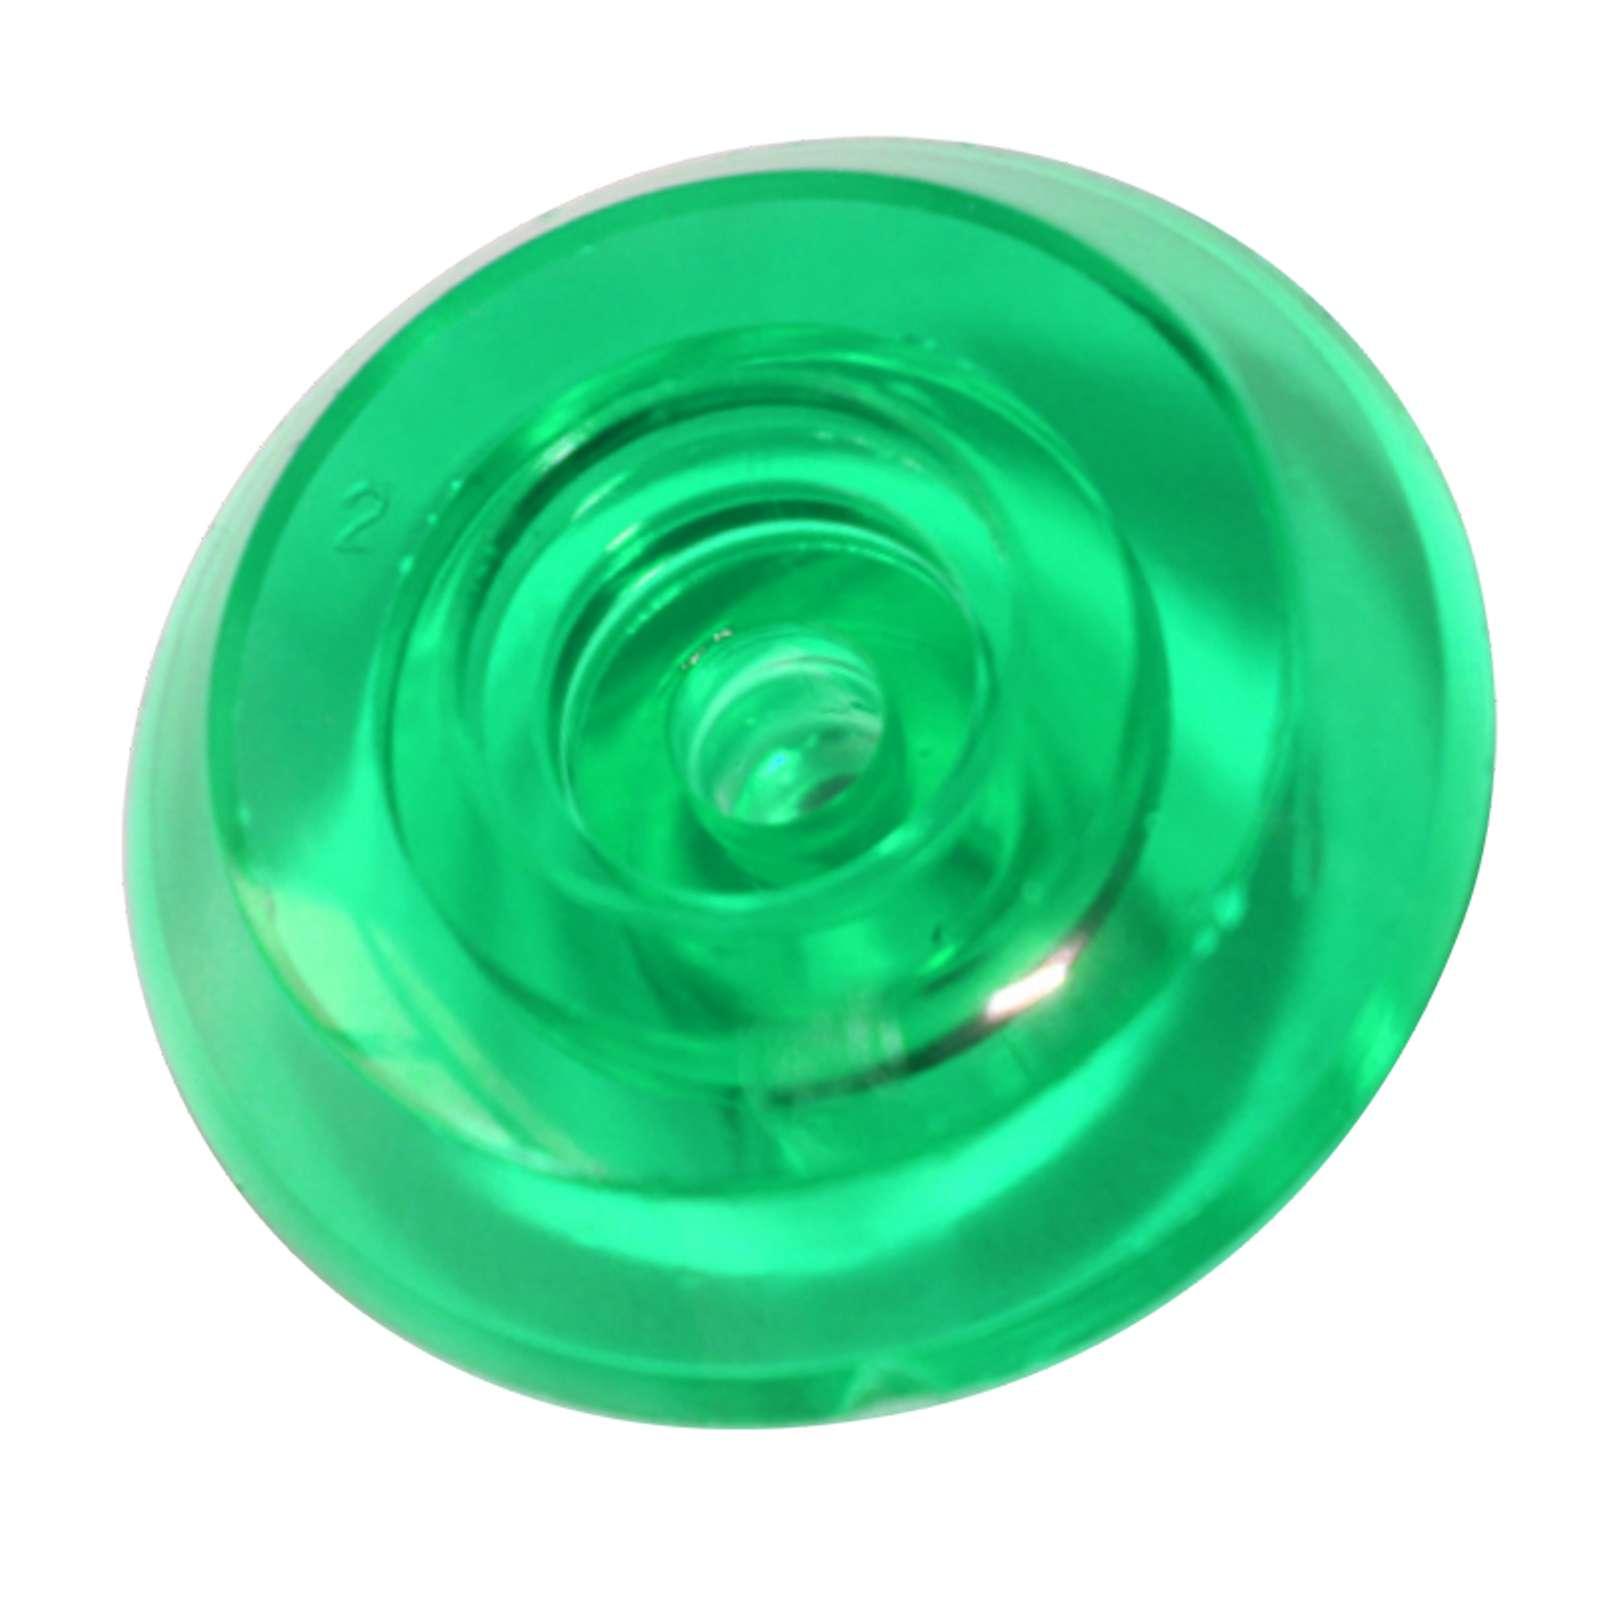 Термошайба монолит зеленая, 4мм